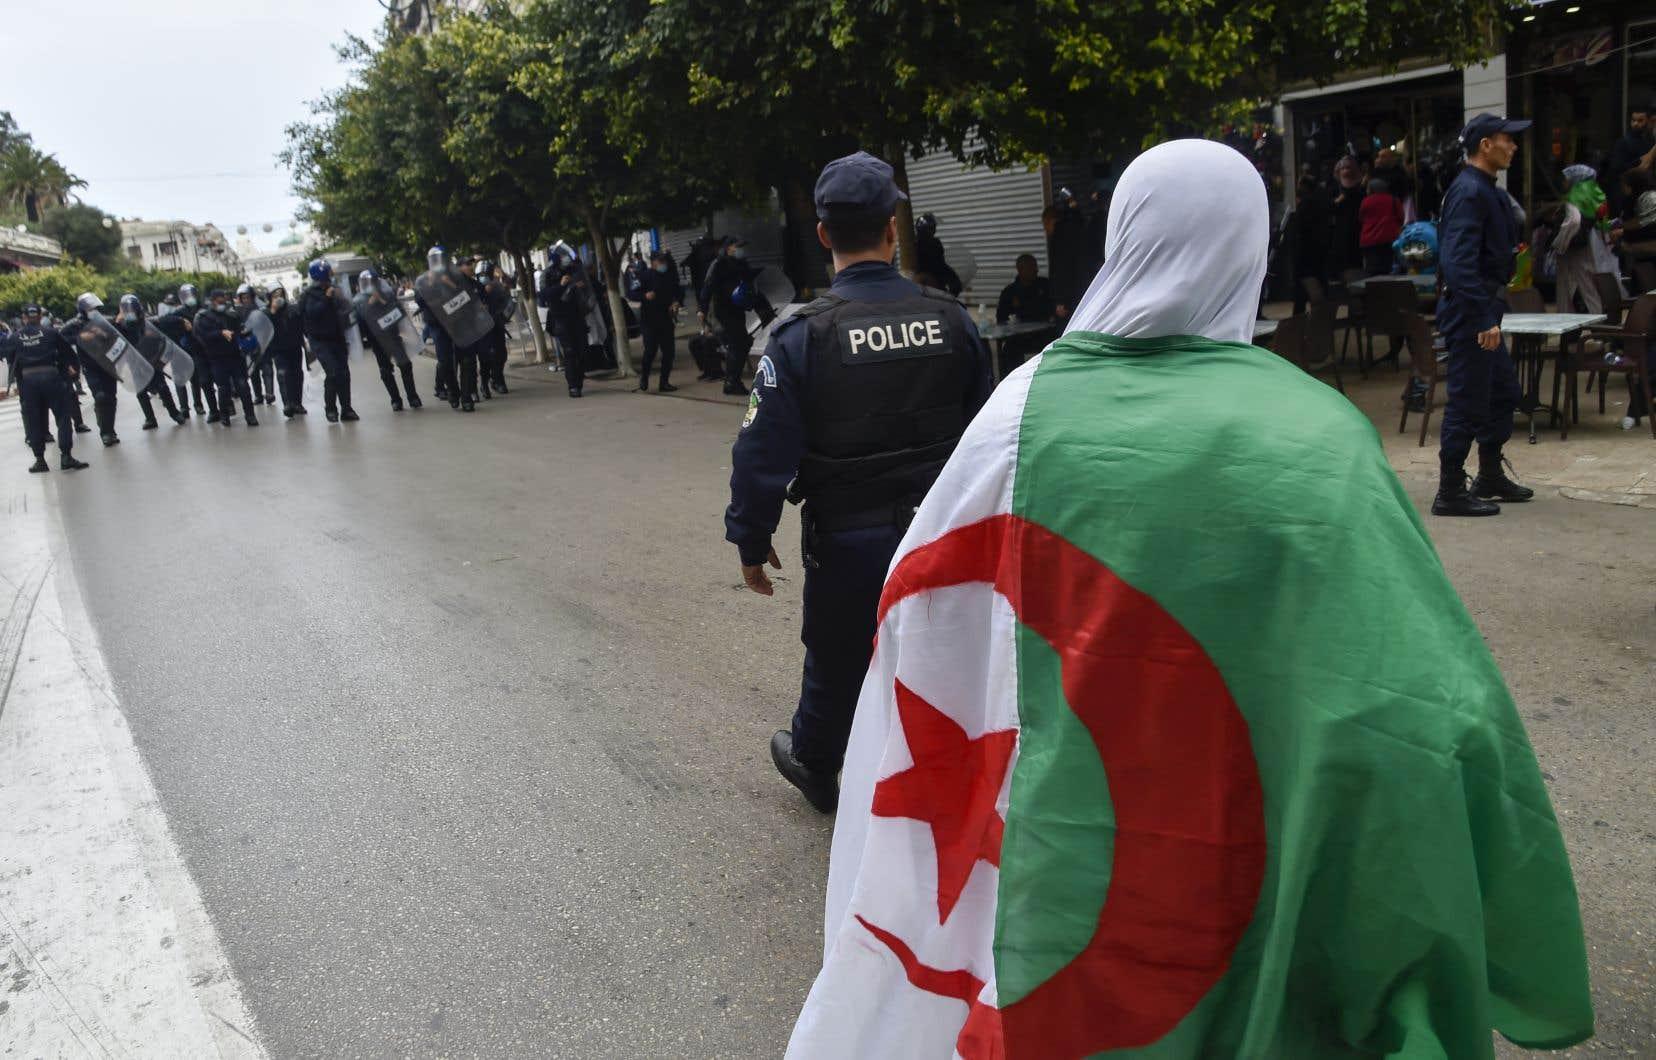 Ex-militante du mouvement Barakat,Amira Bouraoui s'était fait connaître en 2014 en incarnant l'opposition à un quatrièmemandat du président Bouteflika.